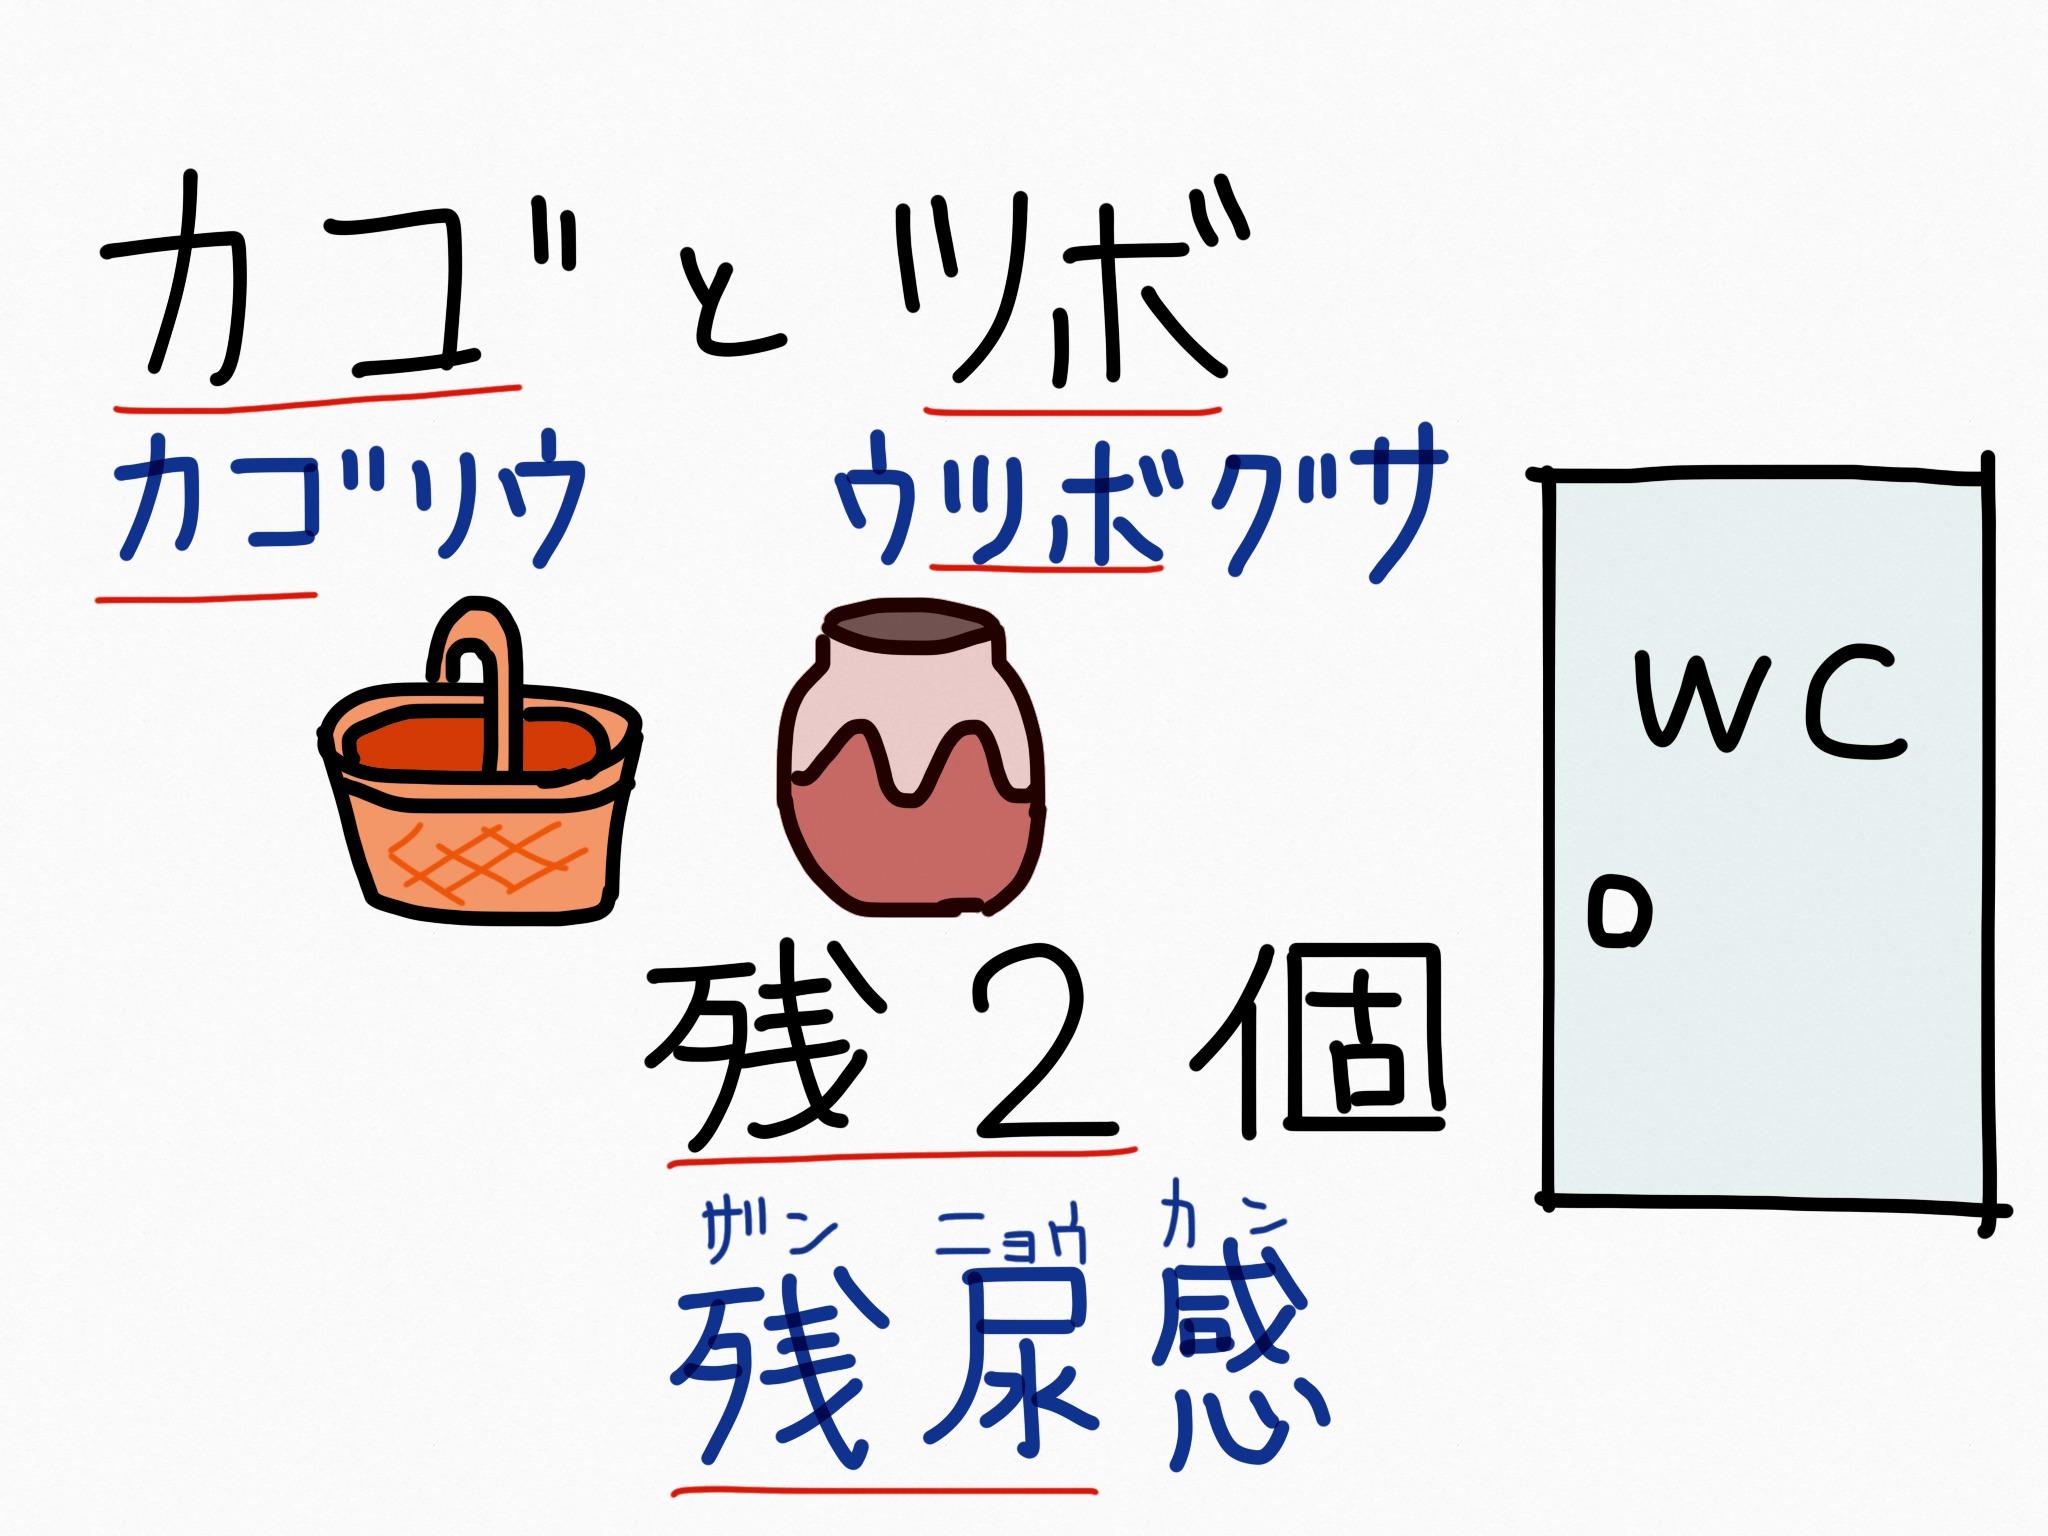 カゴソウ[泌尿器用薬]生薬の覚え方・暗記方法・語呂合わせ